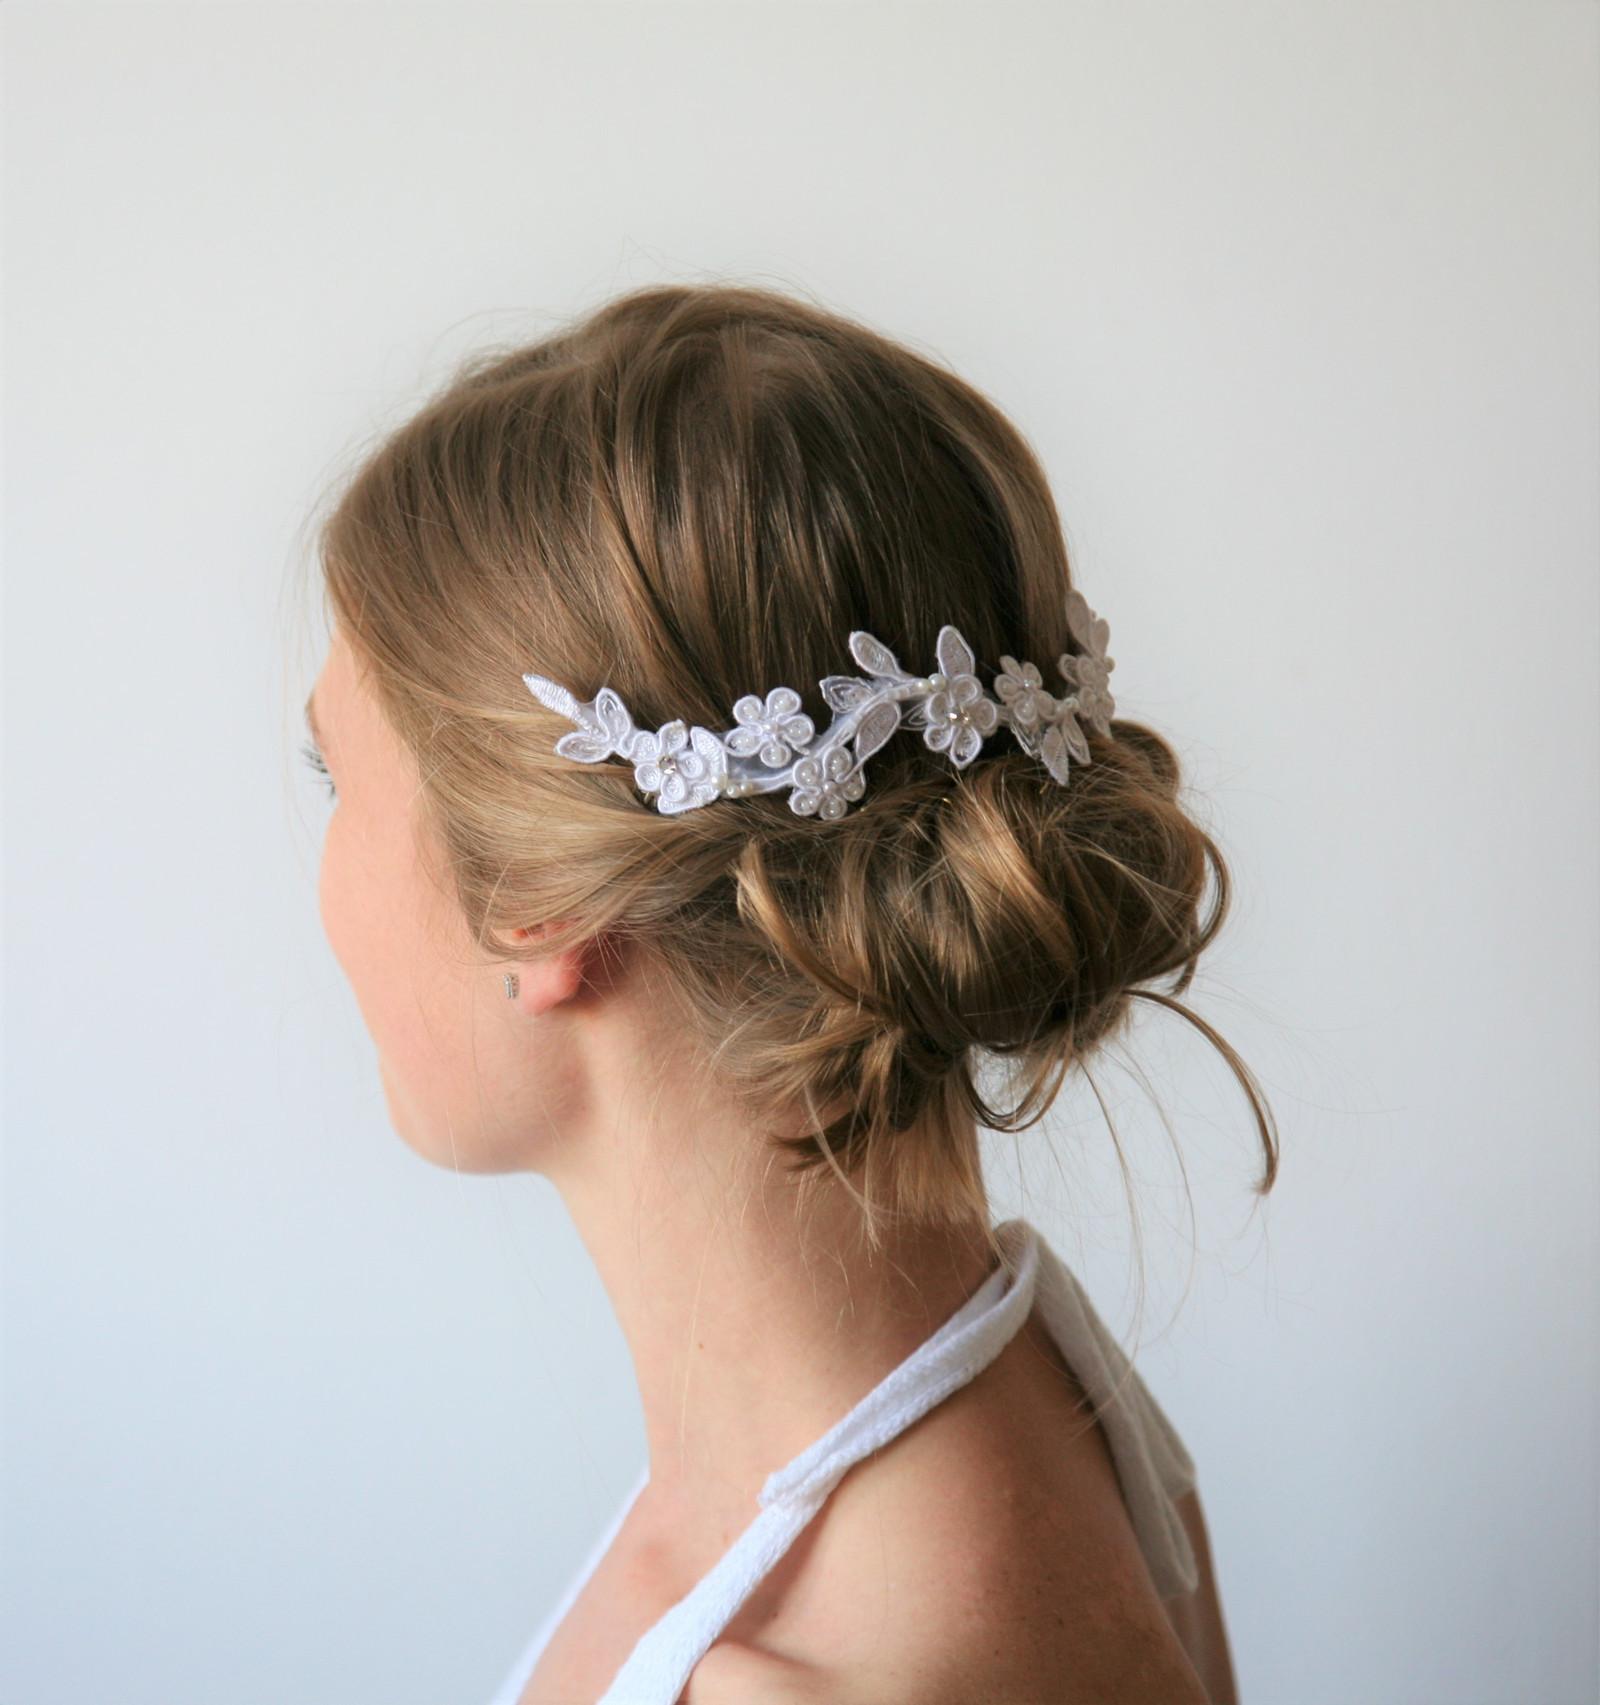 Hřebínek do vlasů - Donna - bílá nebo ivory   Zboží prodejce ... 279022e46e